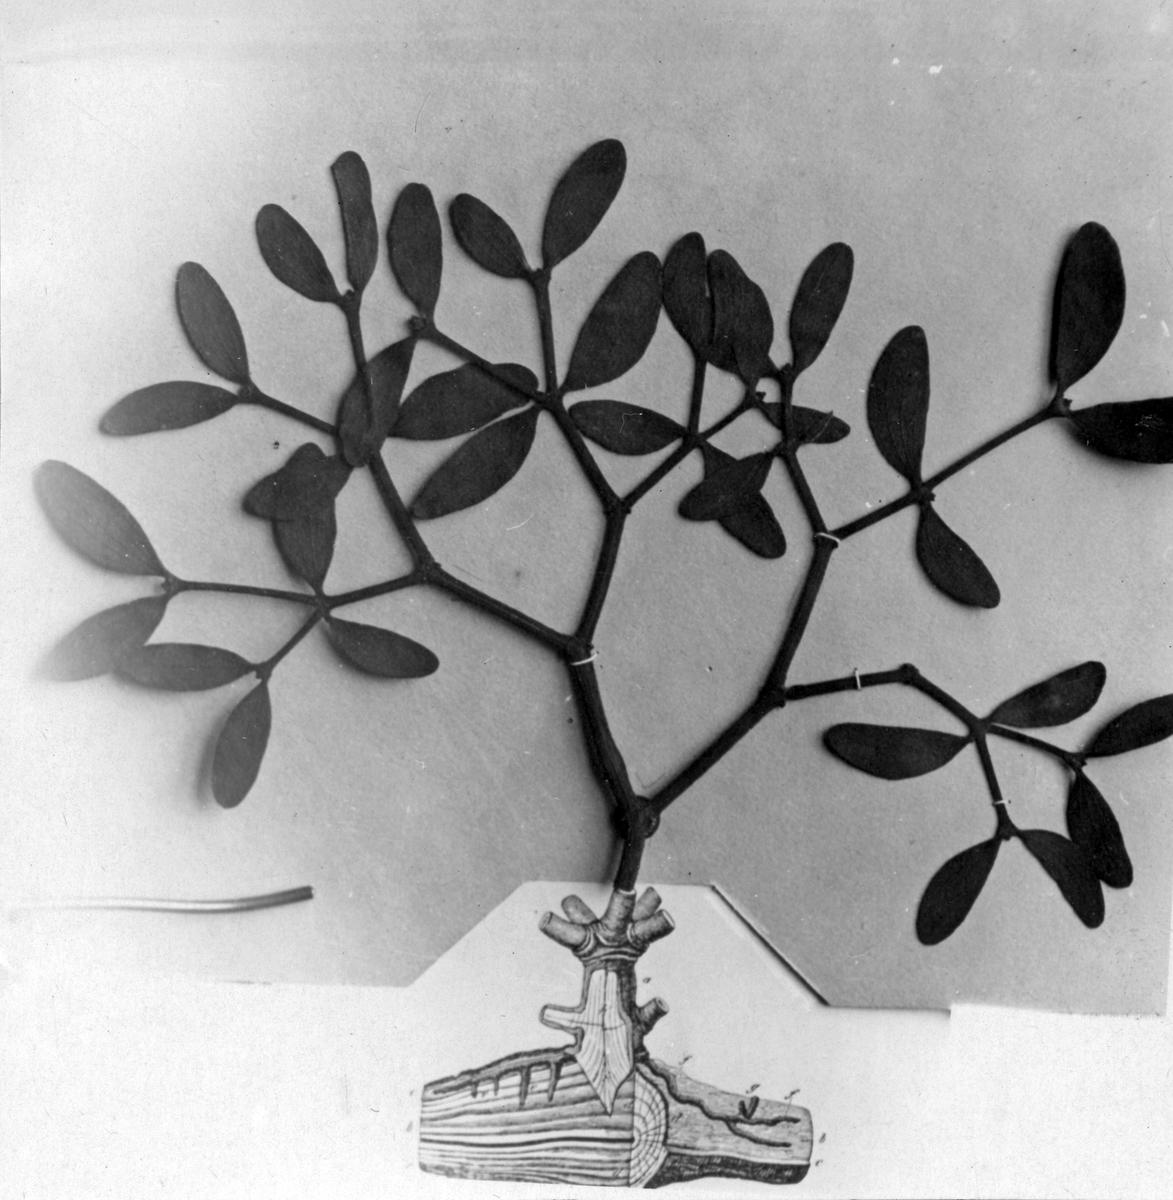 Teckning mistel med snyltrötter